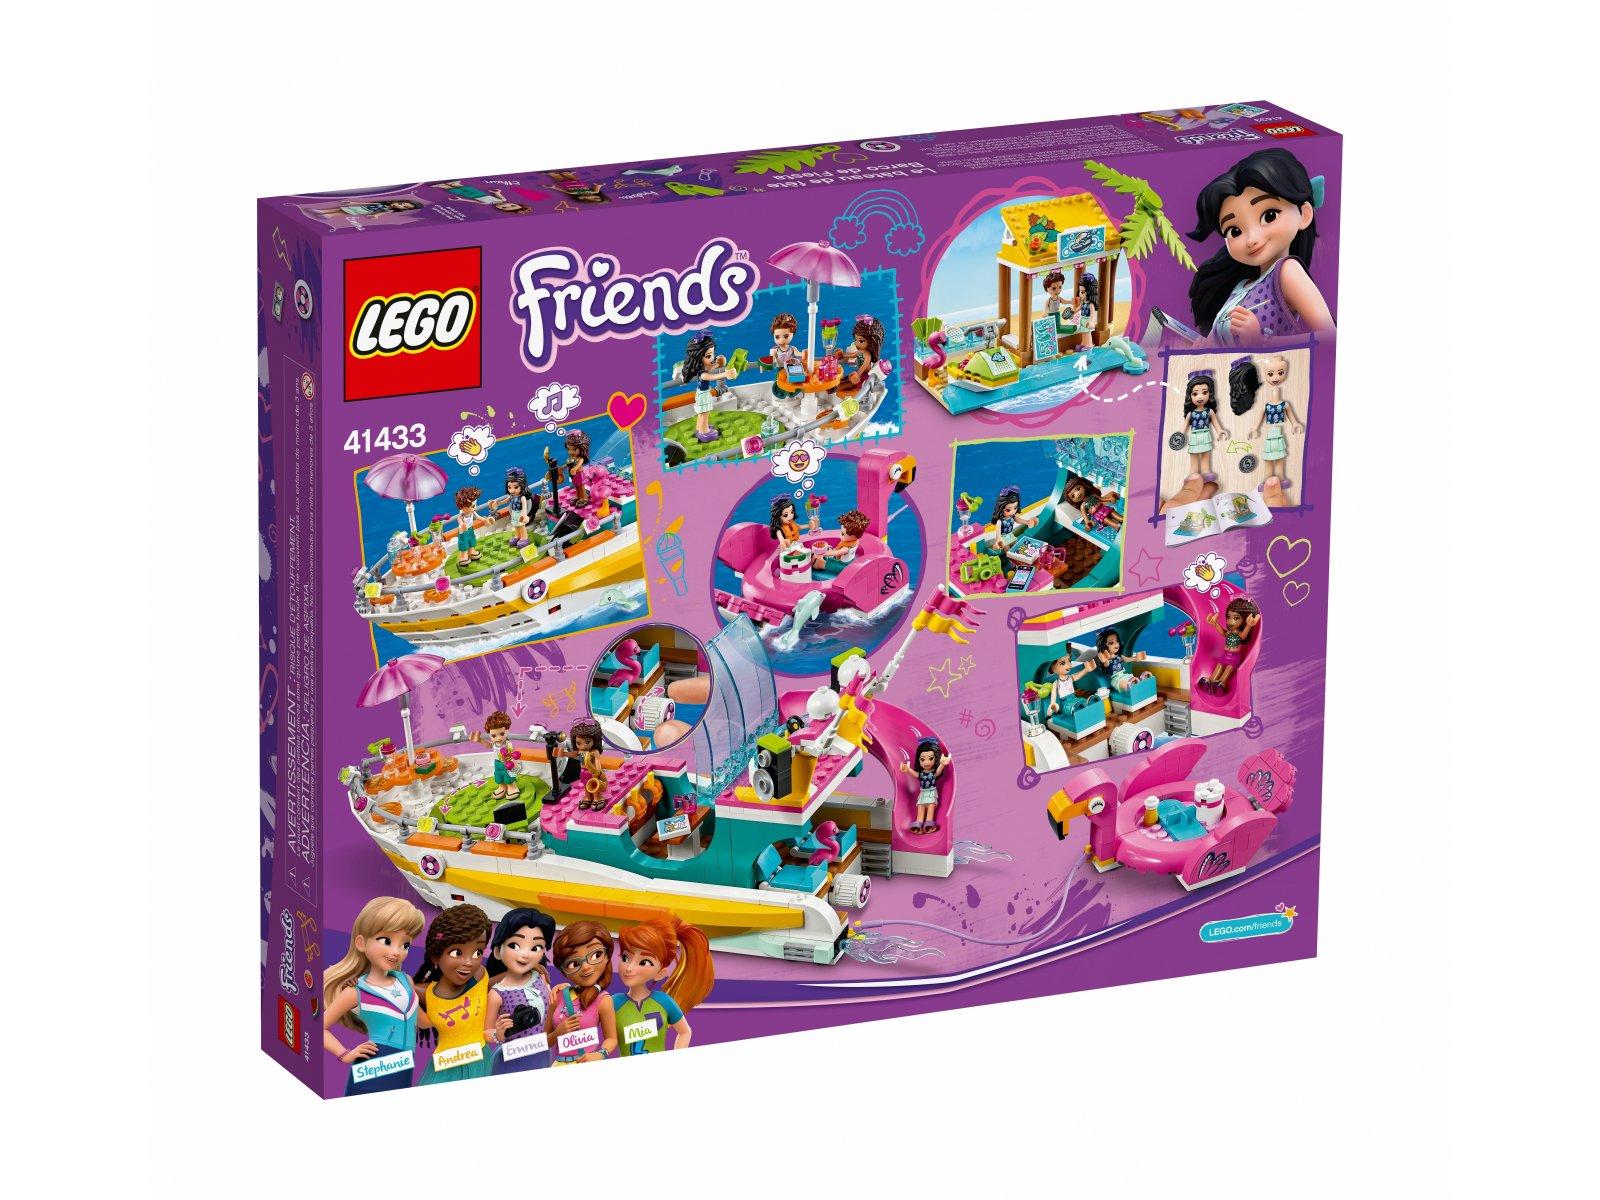 LEGO 41433 Friends Łódź imprezowa